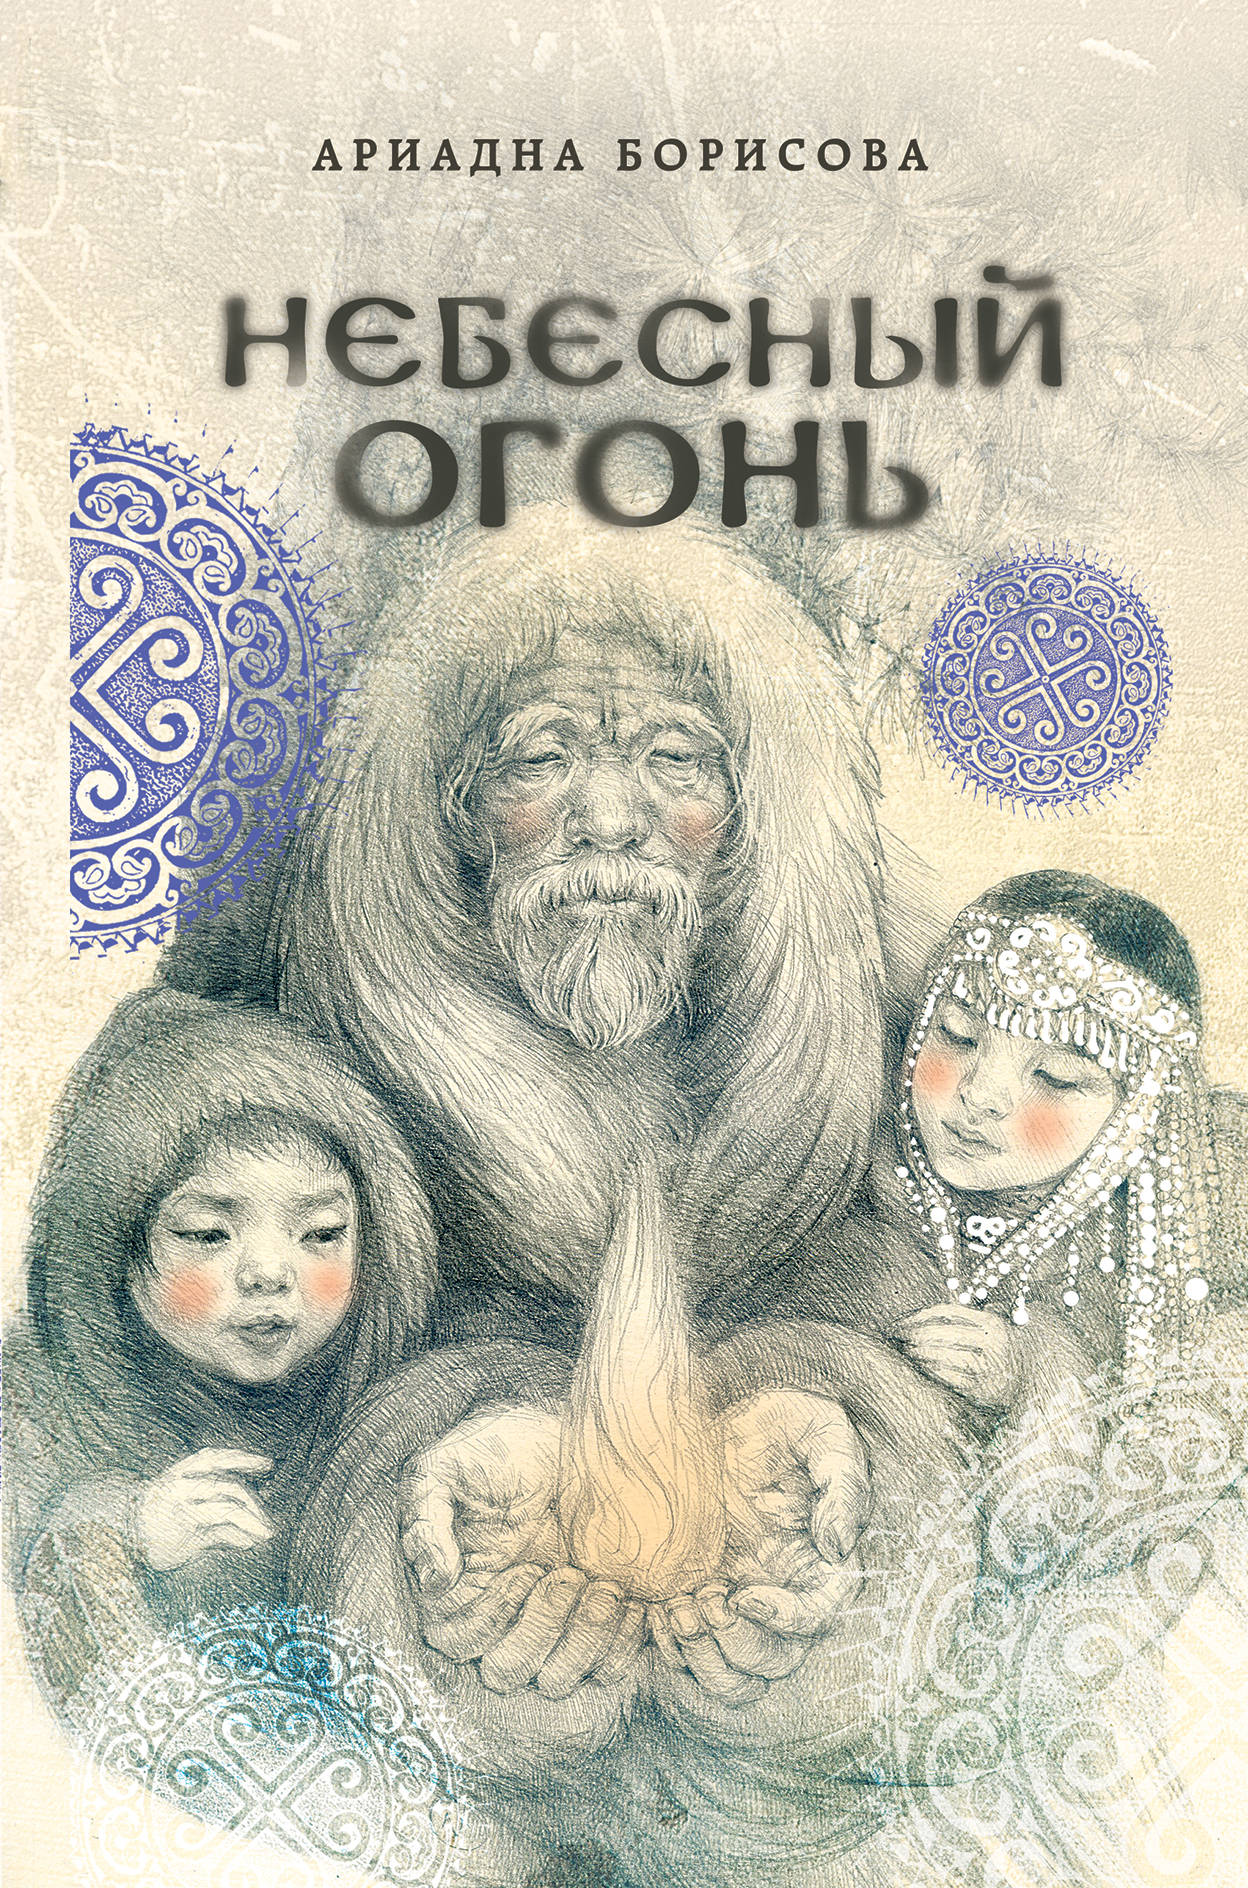 Небесный огонь. Ариадна Борисова